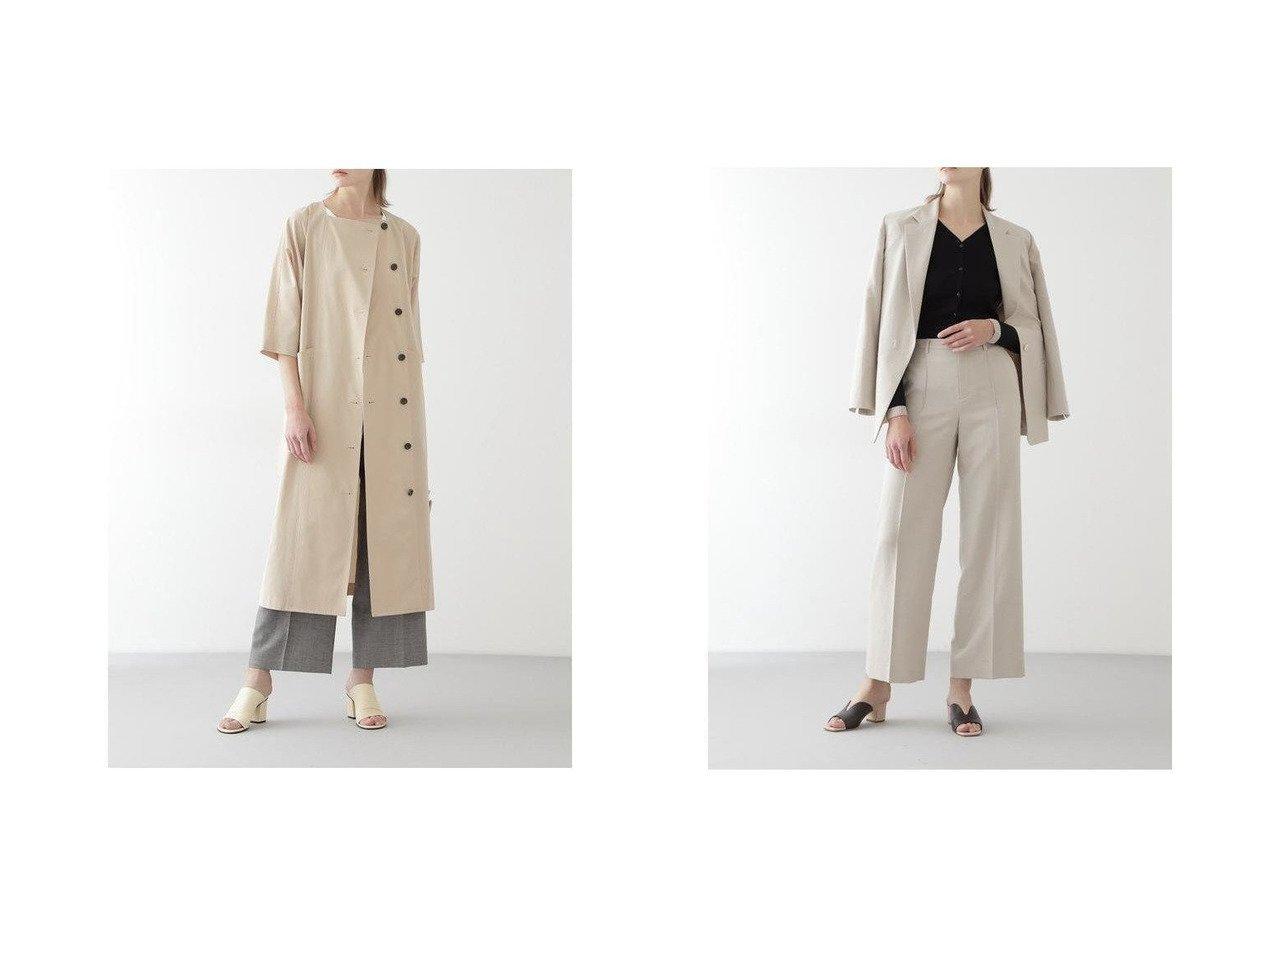 【BOSCH/ボッシュ】のウール麻セットアップワイドパンツ BOSCHのおすすめ!人気、トレンド・レディースファッションの通販 おすすめで人気の流行・トレンド、ファッションの通販商品 メンズファッション・キッズファッション・インテリア・家具・レディースファッション・服の通販 founy(ファニー) https://founy.com/ ファッション Fashion レディースファッション WOMEN セットアップ Setup パンツ Pants NEW・新作・新着・新入荷 New Arrivals シャンブレー スタンダード リラックス |ID:crp329100000019951